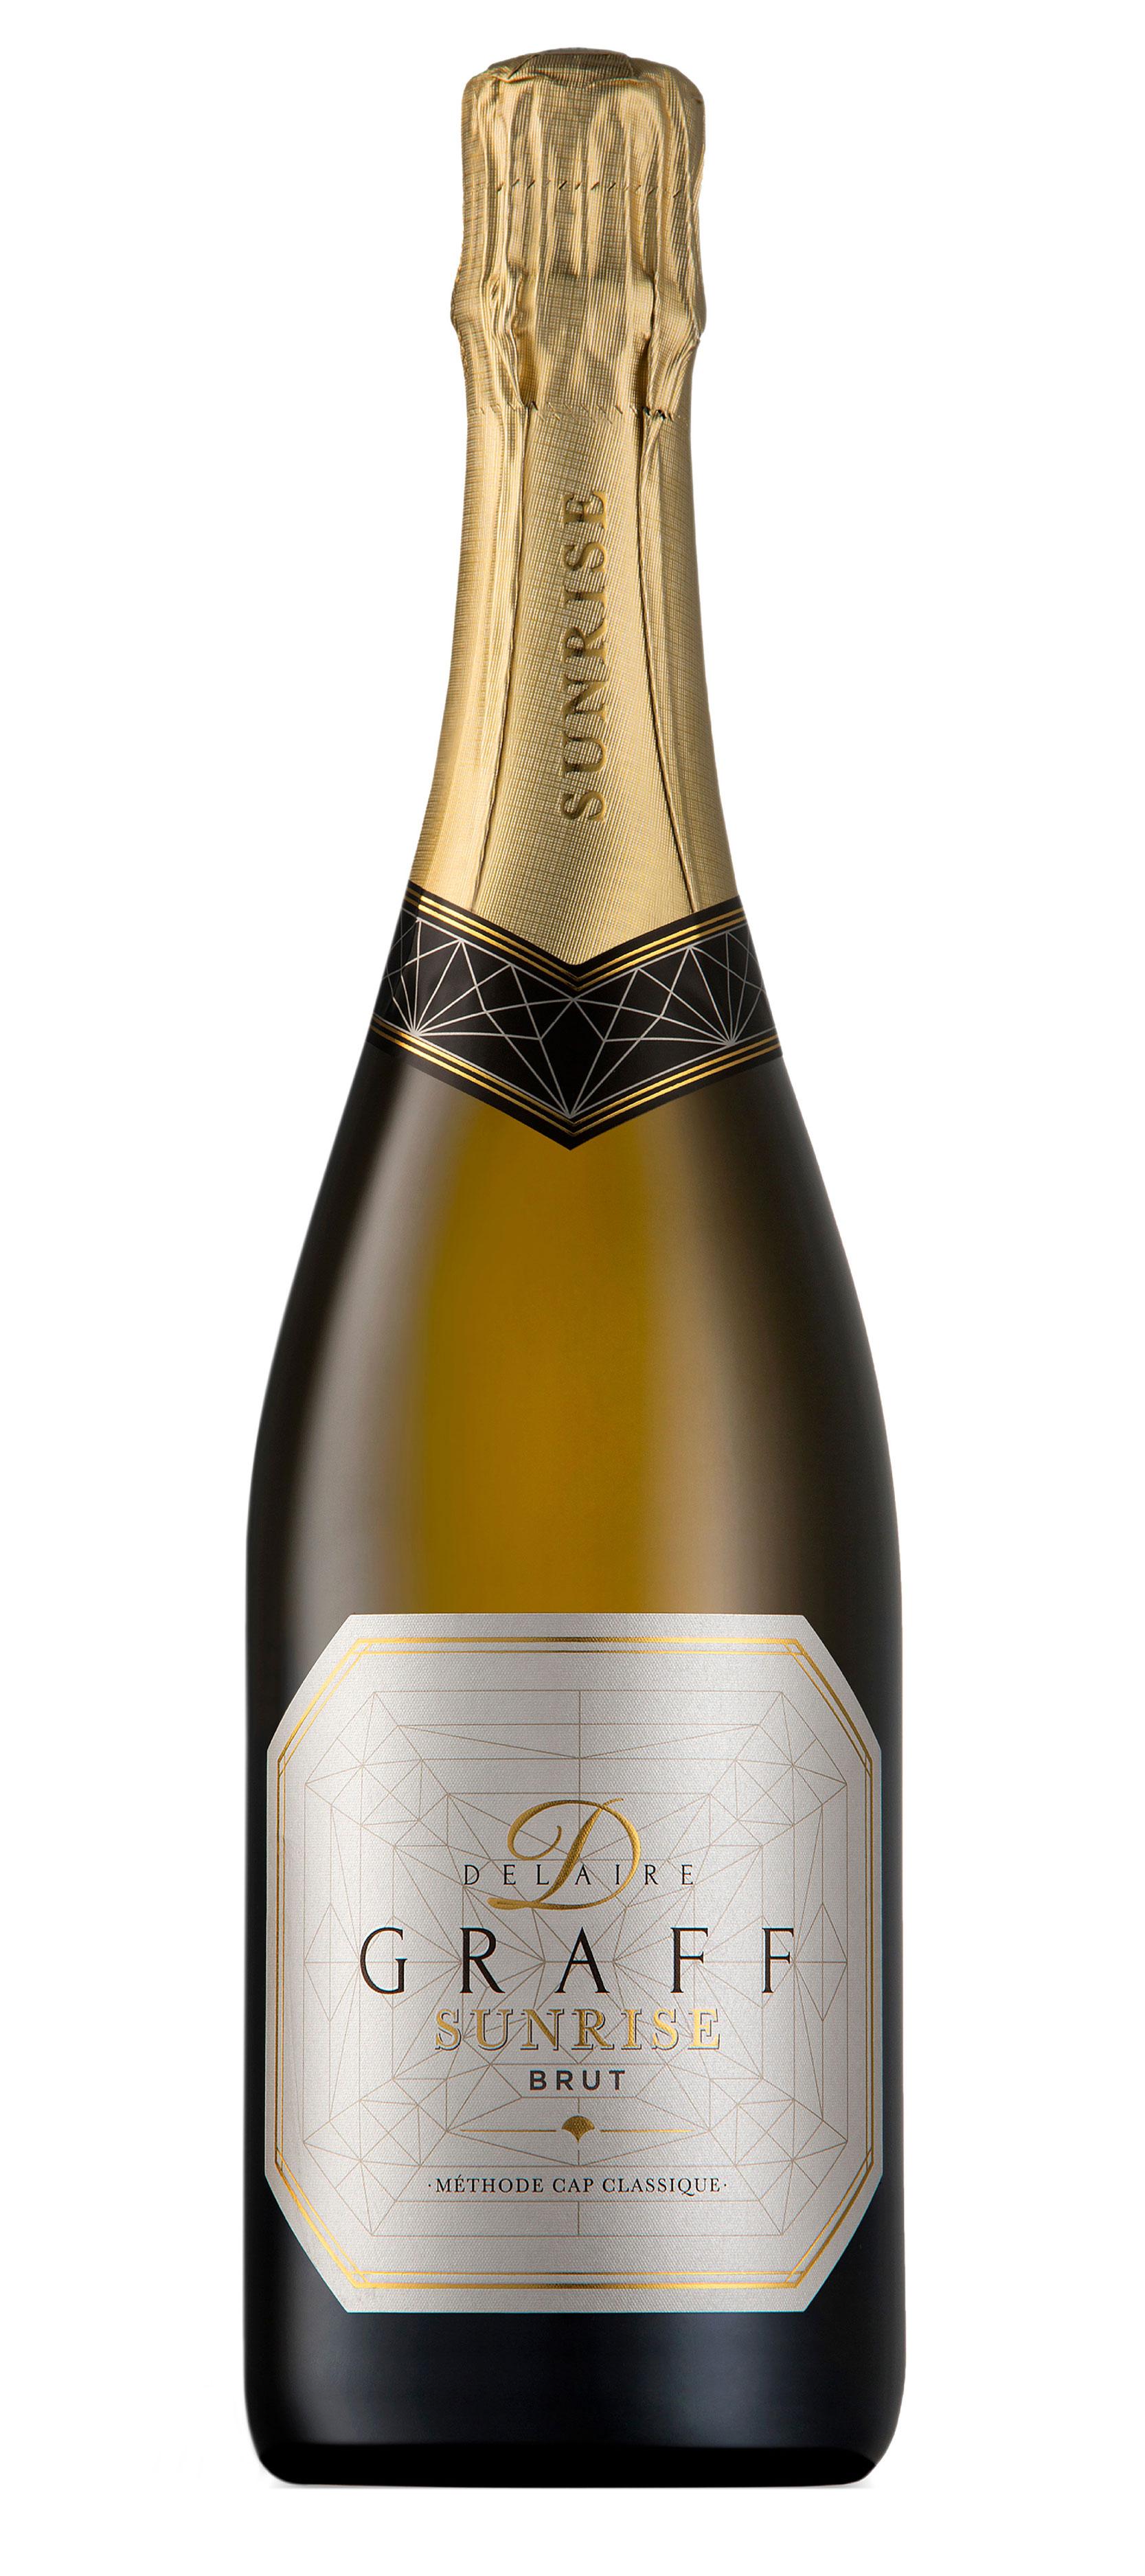 A bottle of Delaire Graff Sunrise Brut sparkling wine